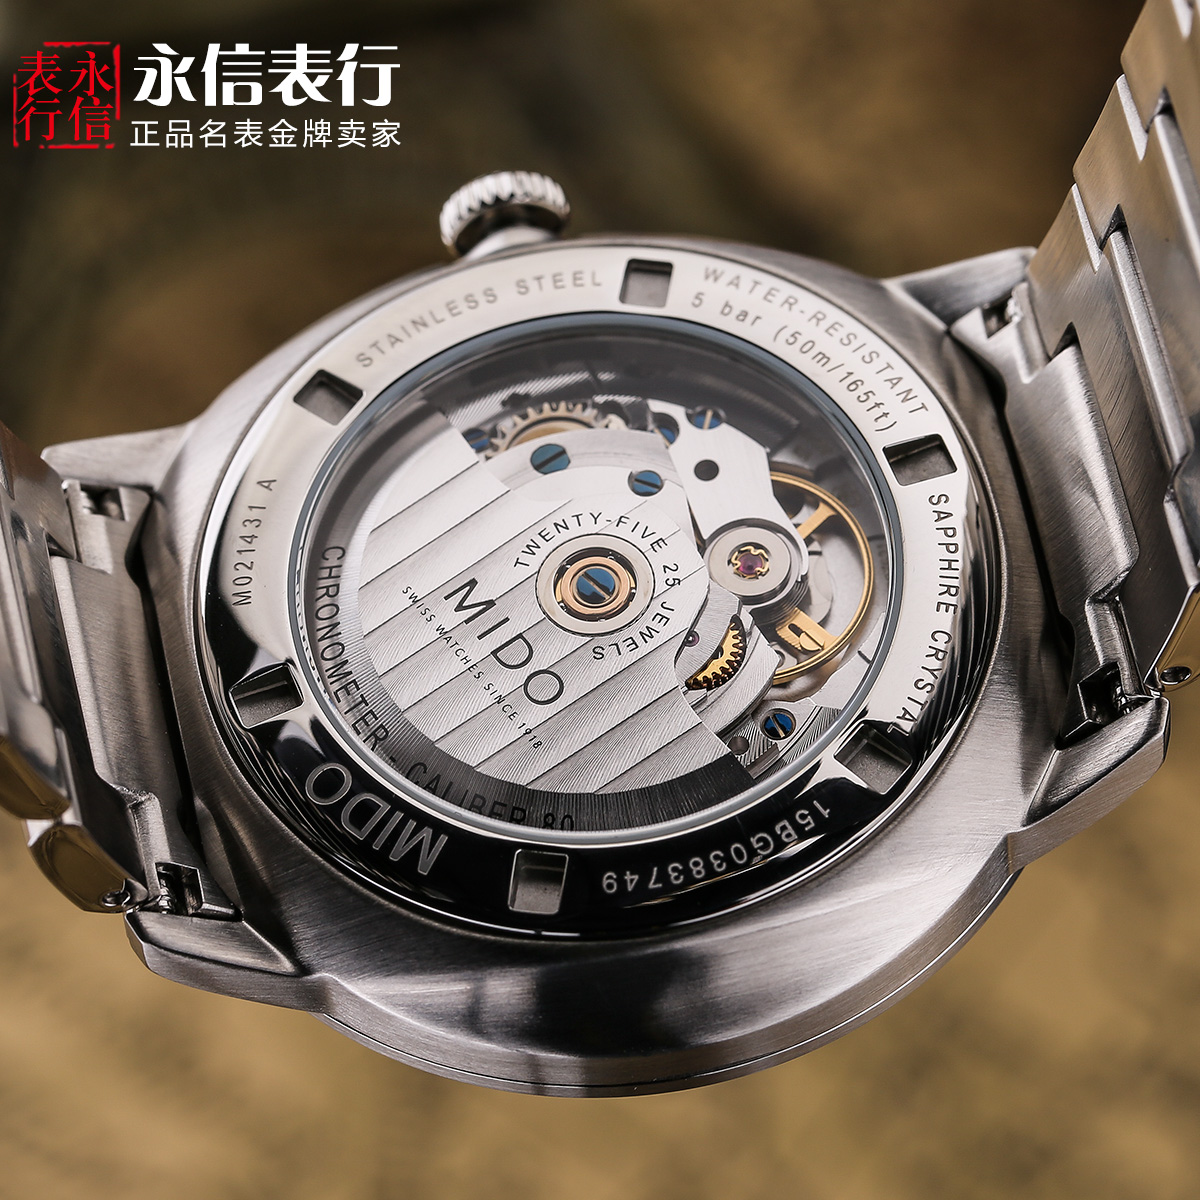 Швейцарские наручные часы Mido  M021.431.11.051.00